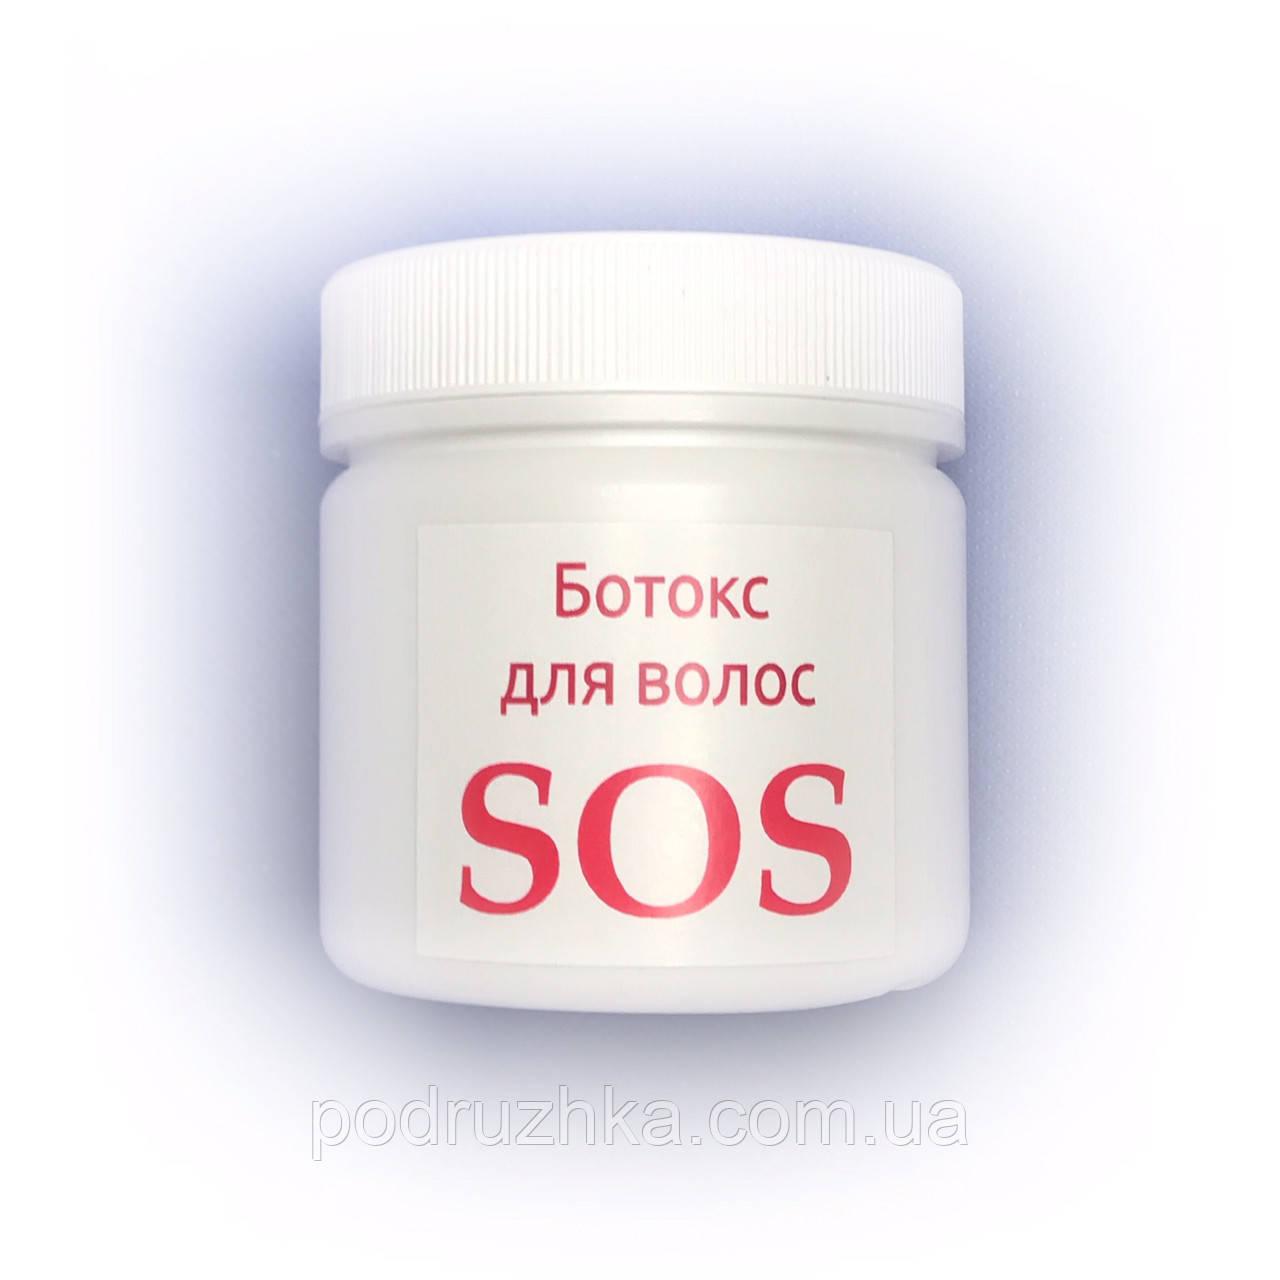 Ботокс восстановление для волос XMIX SOS 200 г